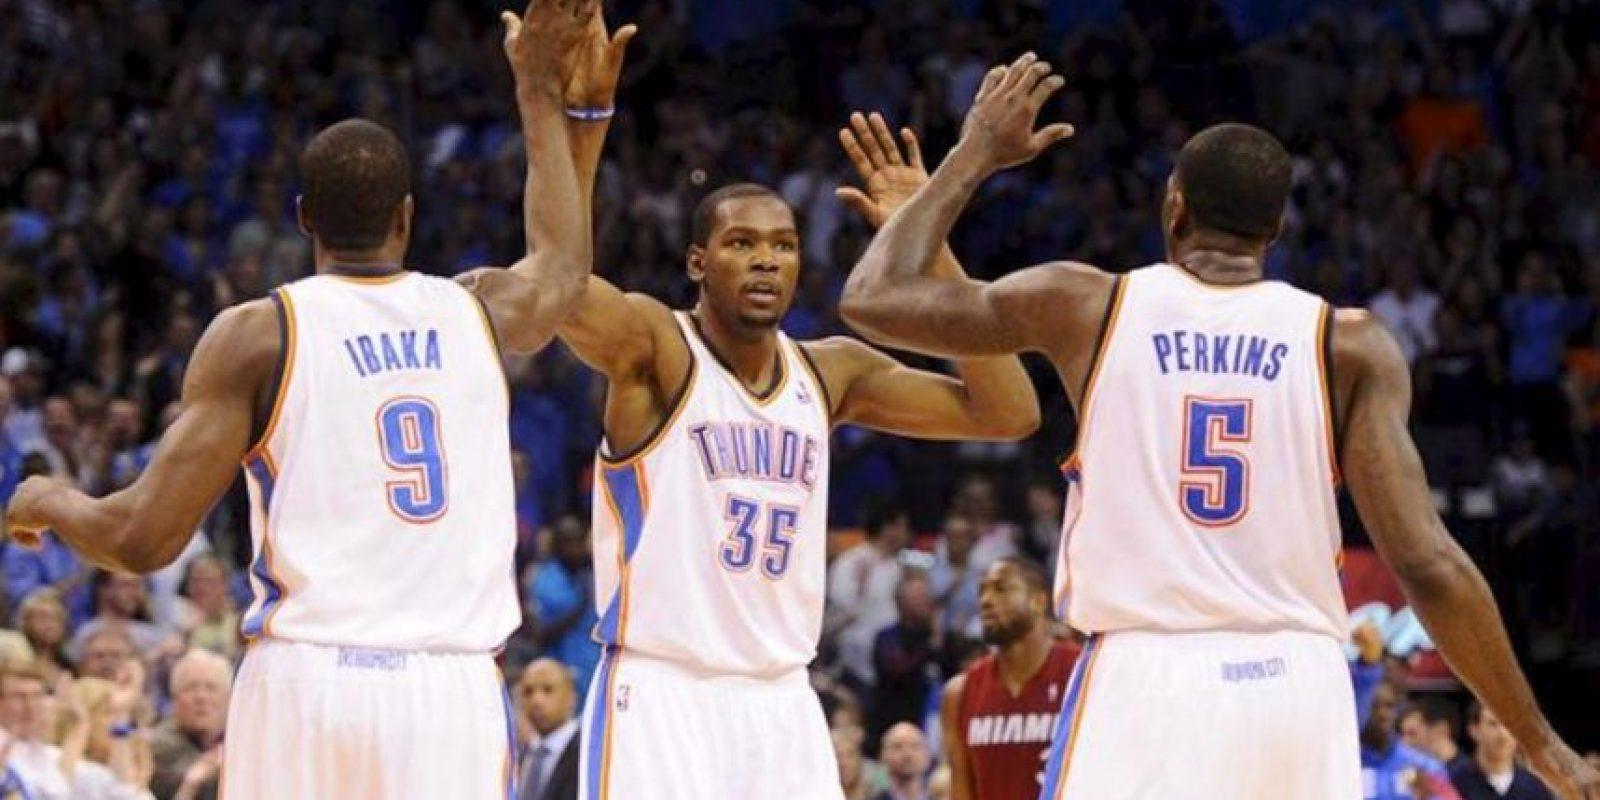 Los jugadores Kevin Durant (c), Serge Ibaka (i) y Kendrick Perkins (d) de los Oklahoma City Thunder celebran un punto ante los Miami Heat, en un juego de la NBA en el Chesapeake Energy Arena en Oklahoma City (EE.UU.). EFE